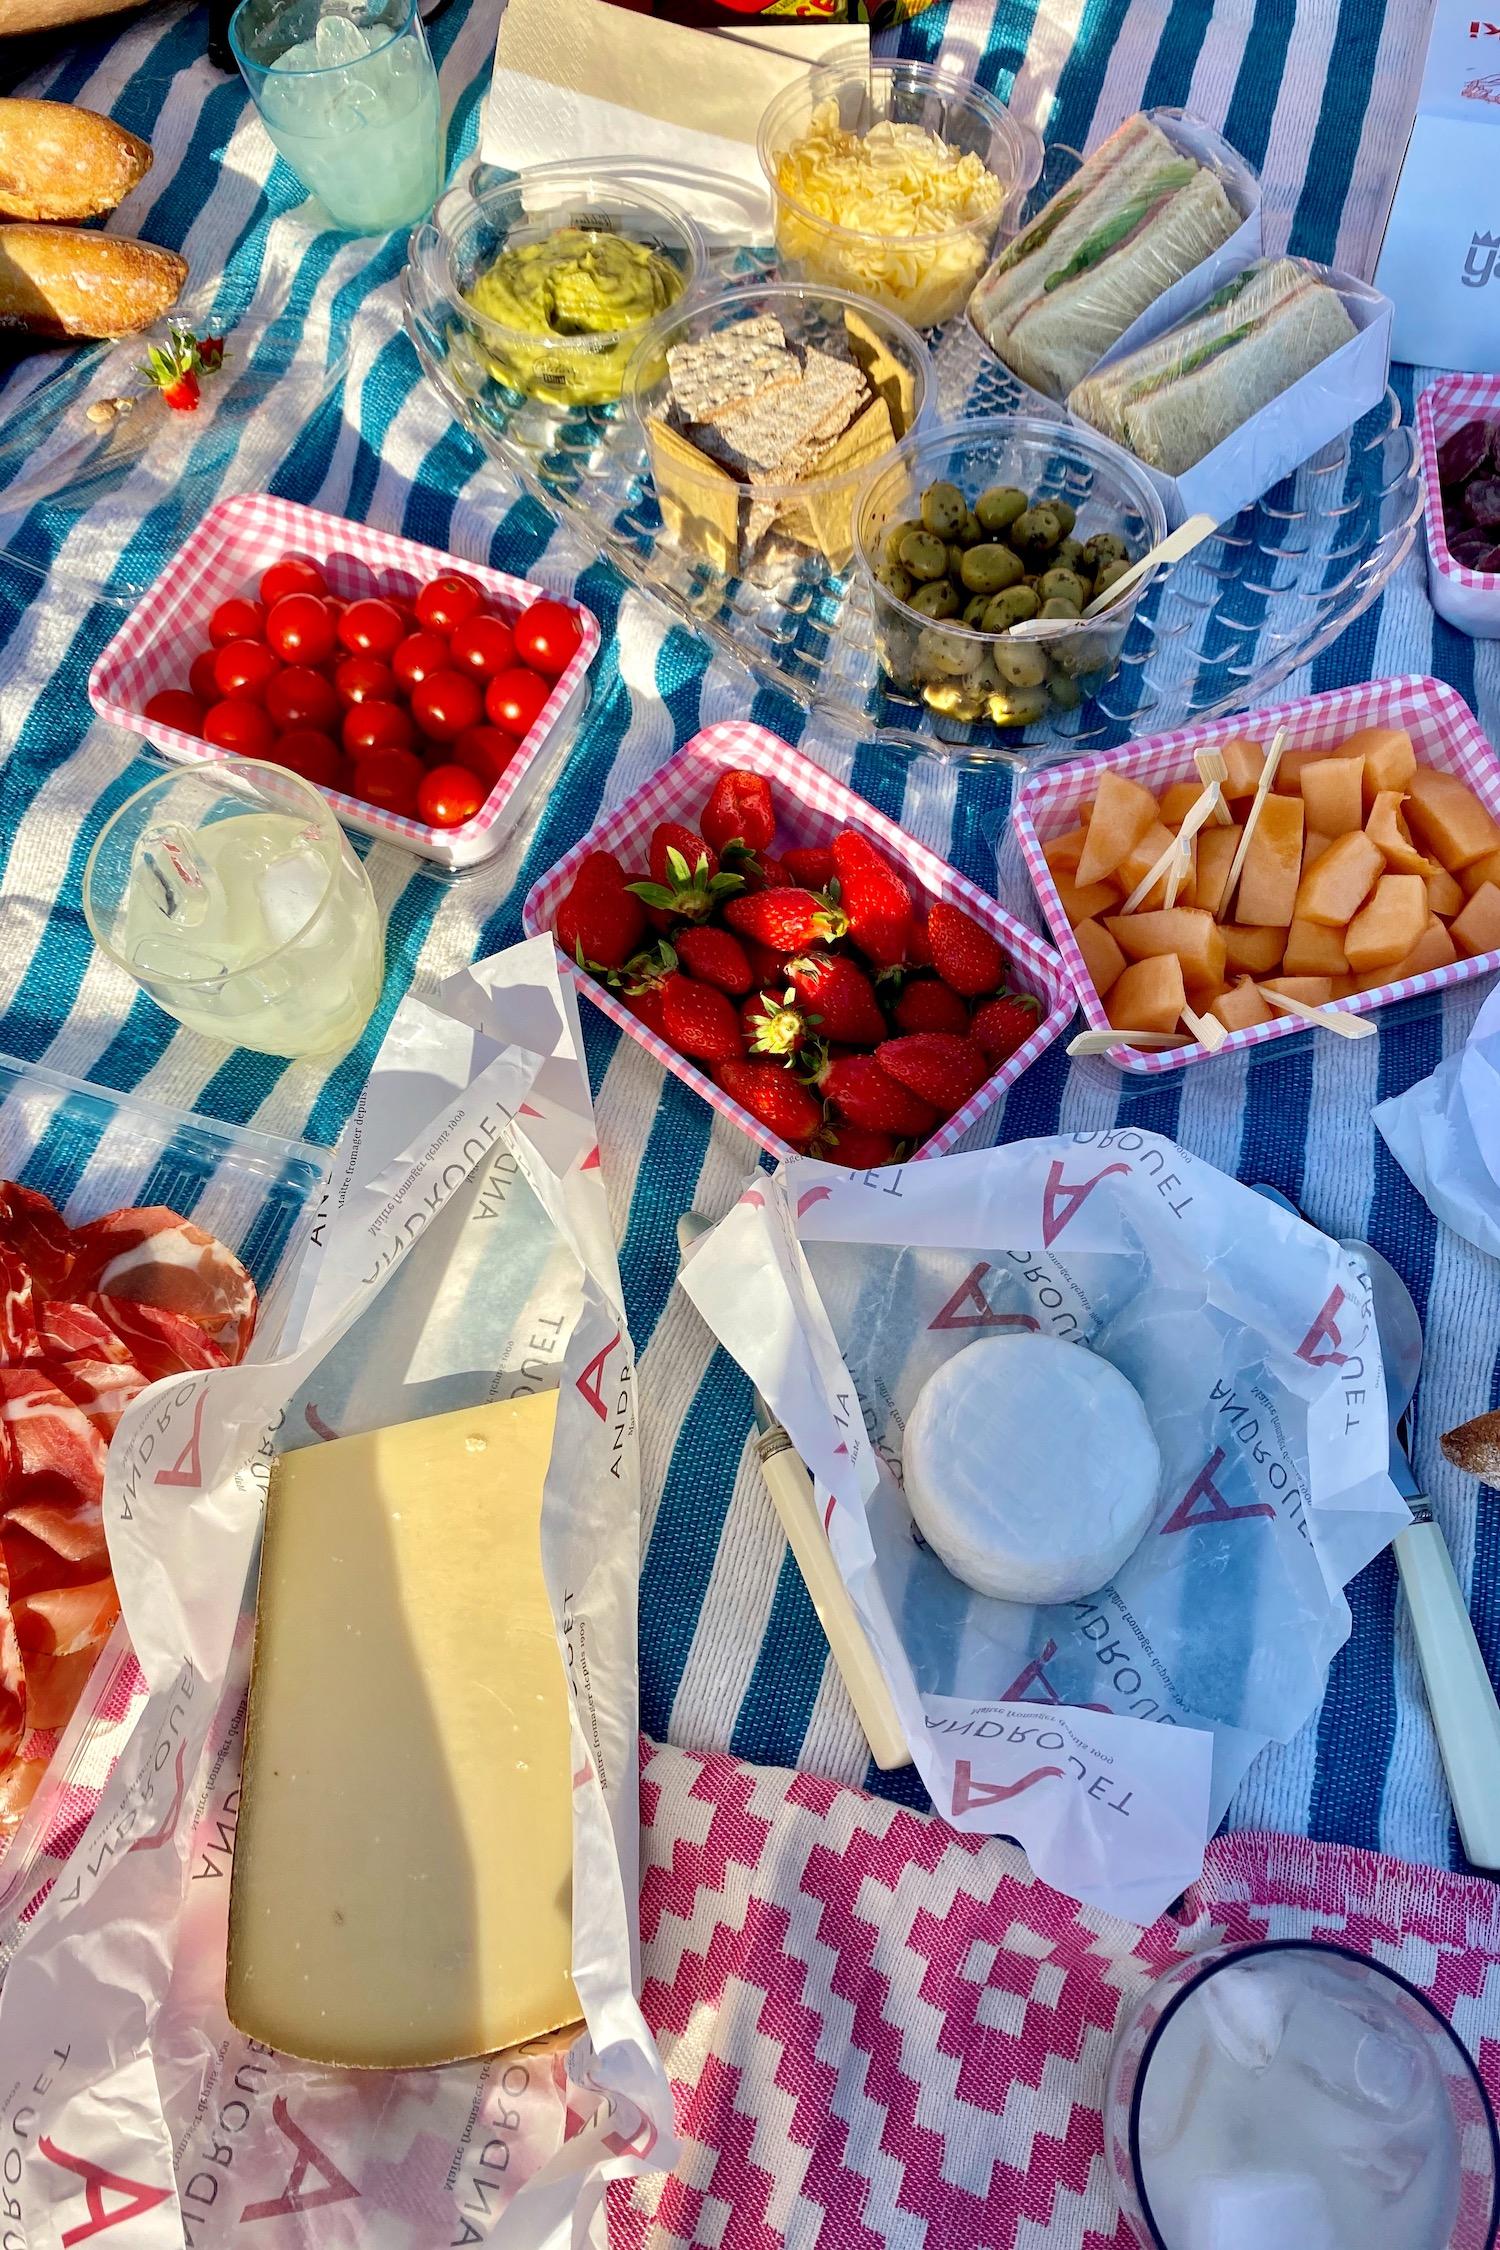 Summer picnic in Paris